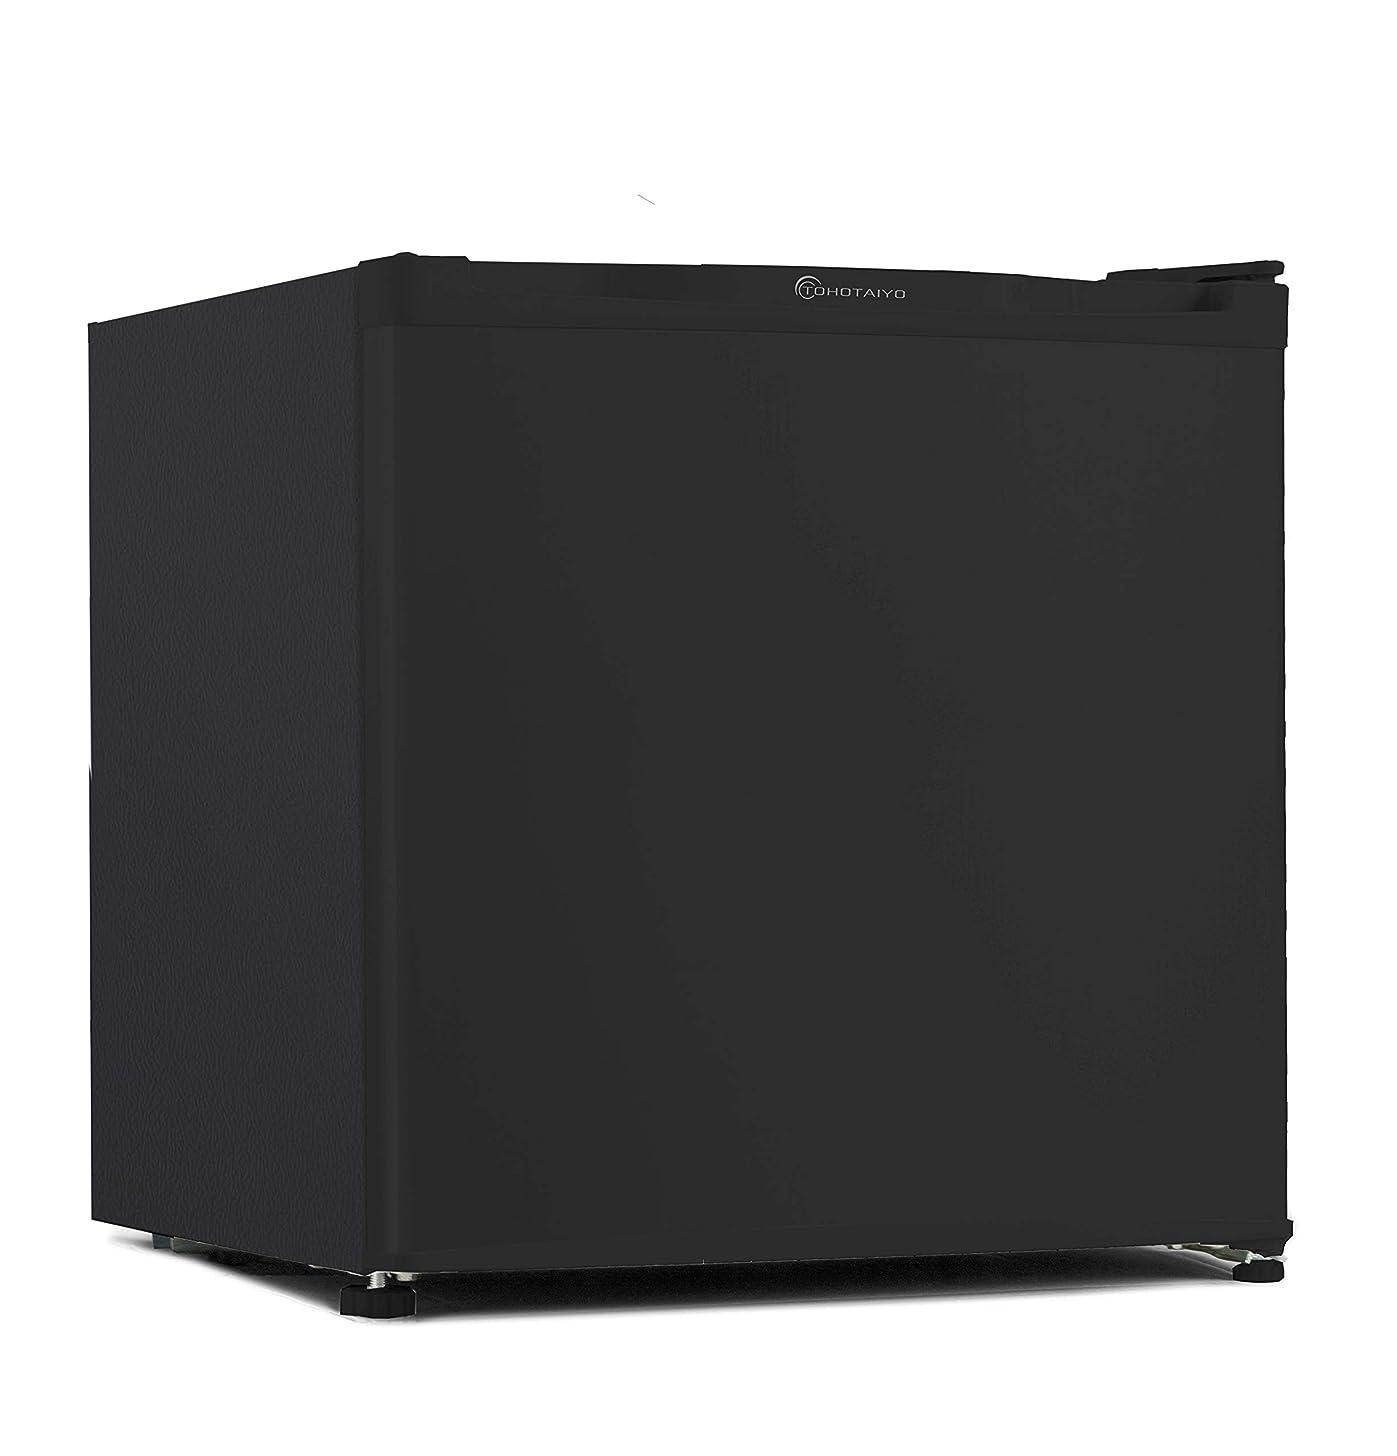 TOHOTAIYO 1ドア 小型 冷蔵庫 46L 一人暮らし向け 左右開き対応 ブラック TH-46L1-BK